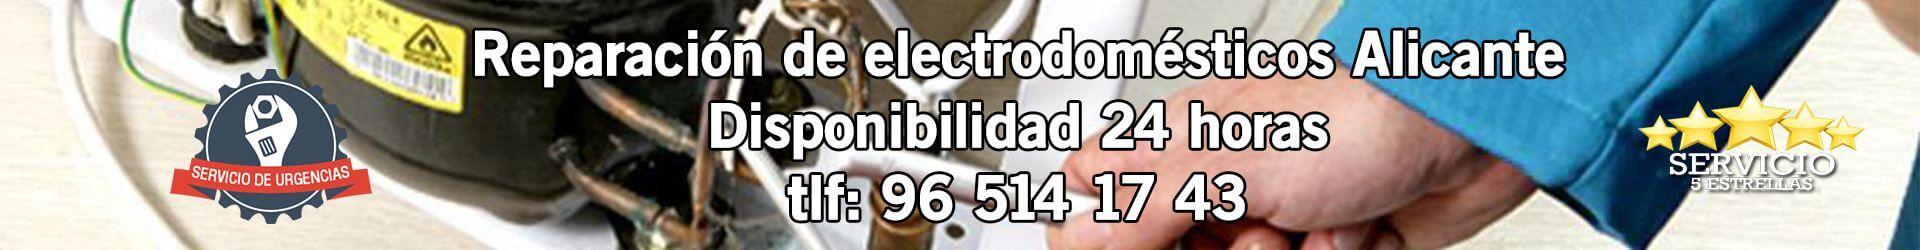 Reparación de Electrodomésticos Alicante